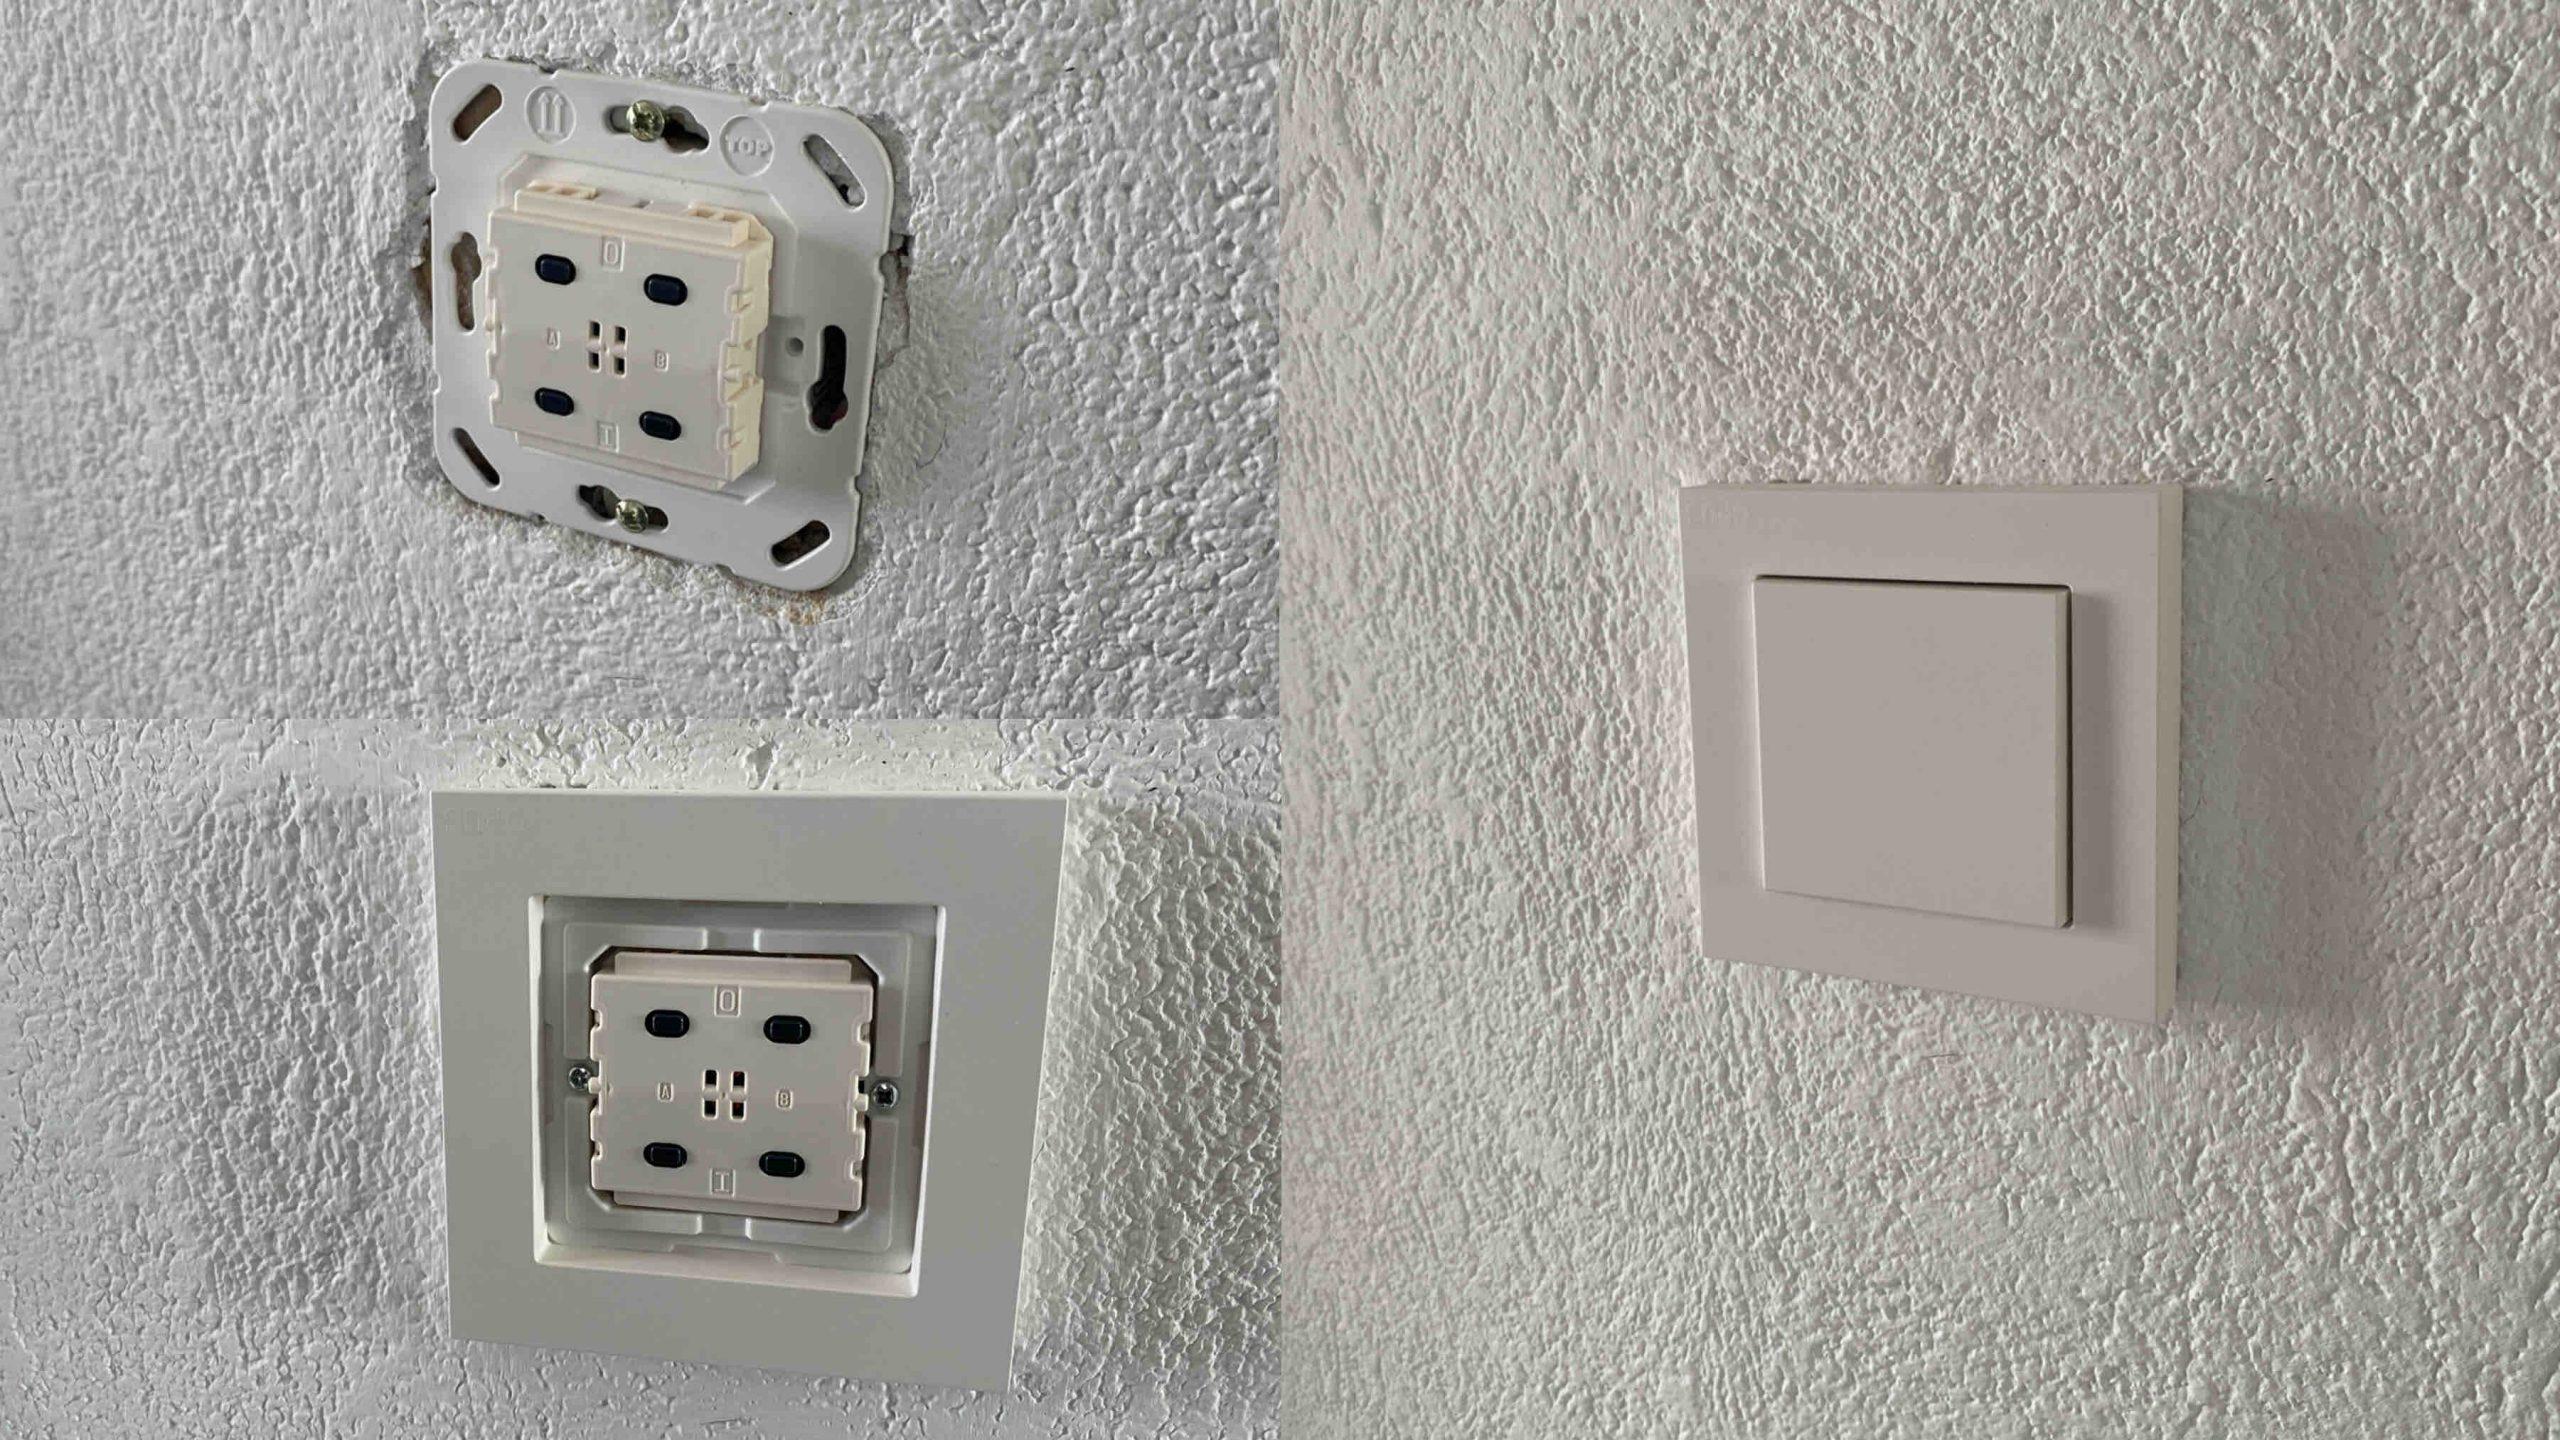 Eve_Light_Swtich_Apple_HomeKit_SmartHome_Schalter2-scaled Eve Light Switch - der ideale Lichtschalter im Apple HomeKit Zuhause